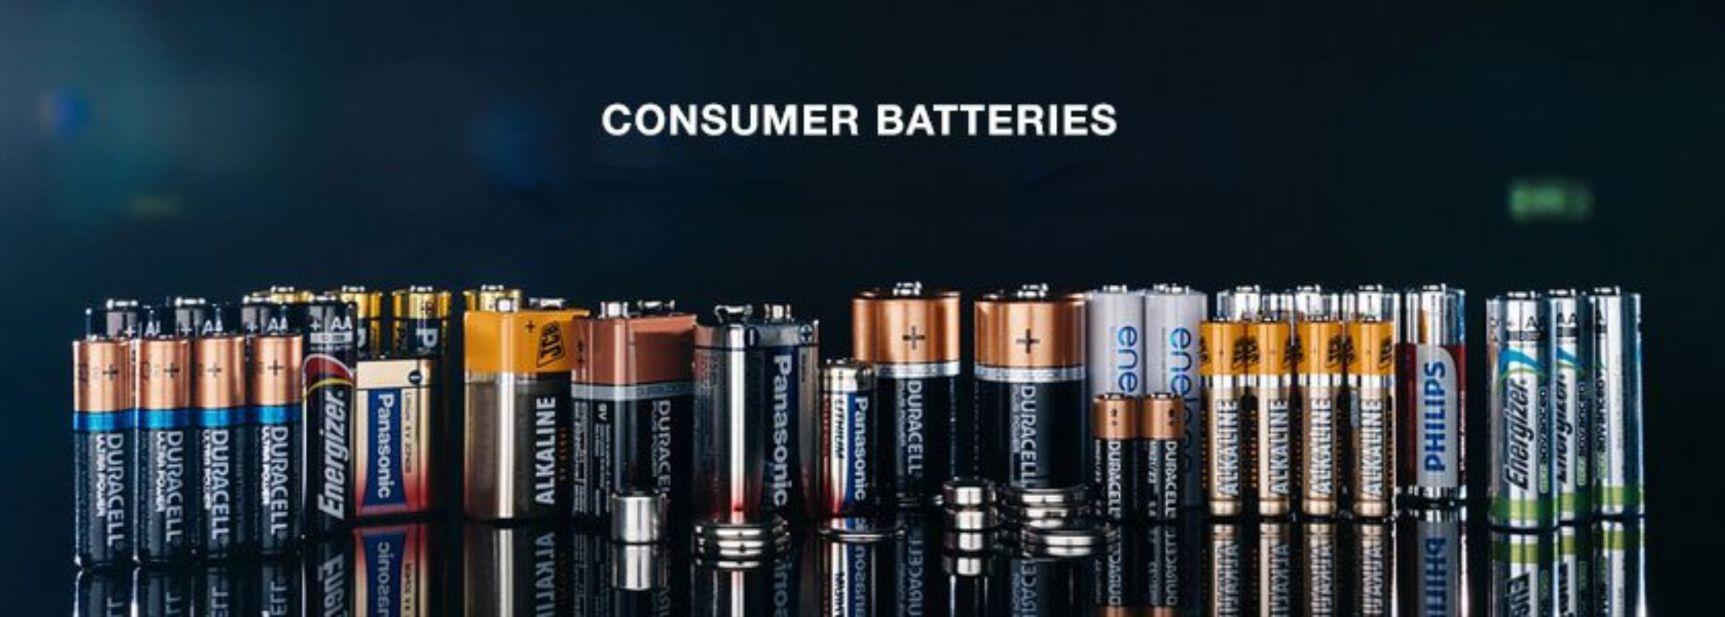 Batteries_EN.jpg